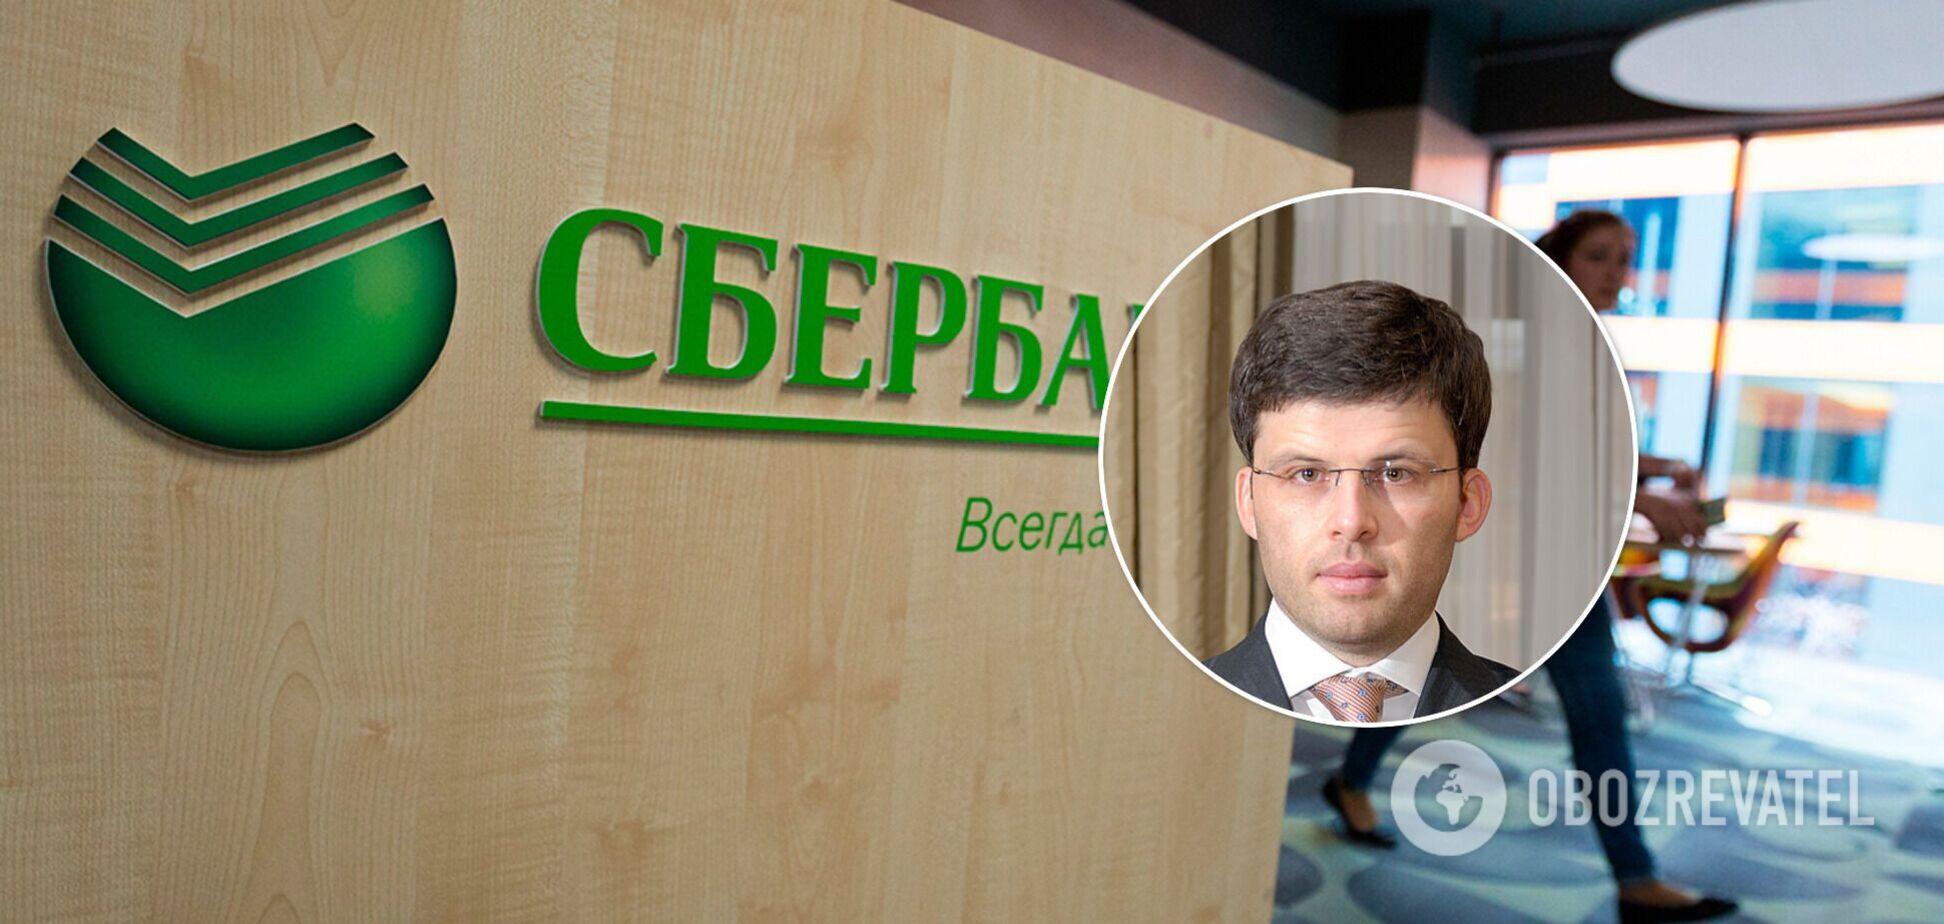 Олігарх Веревський пролобіював для себе зниження ПДВ, а тепер планує купити банк у Росії